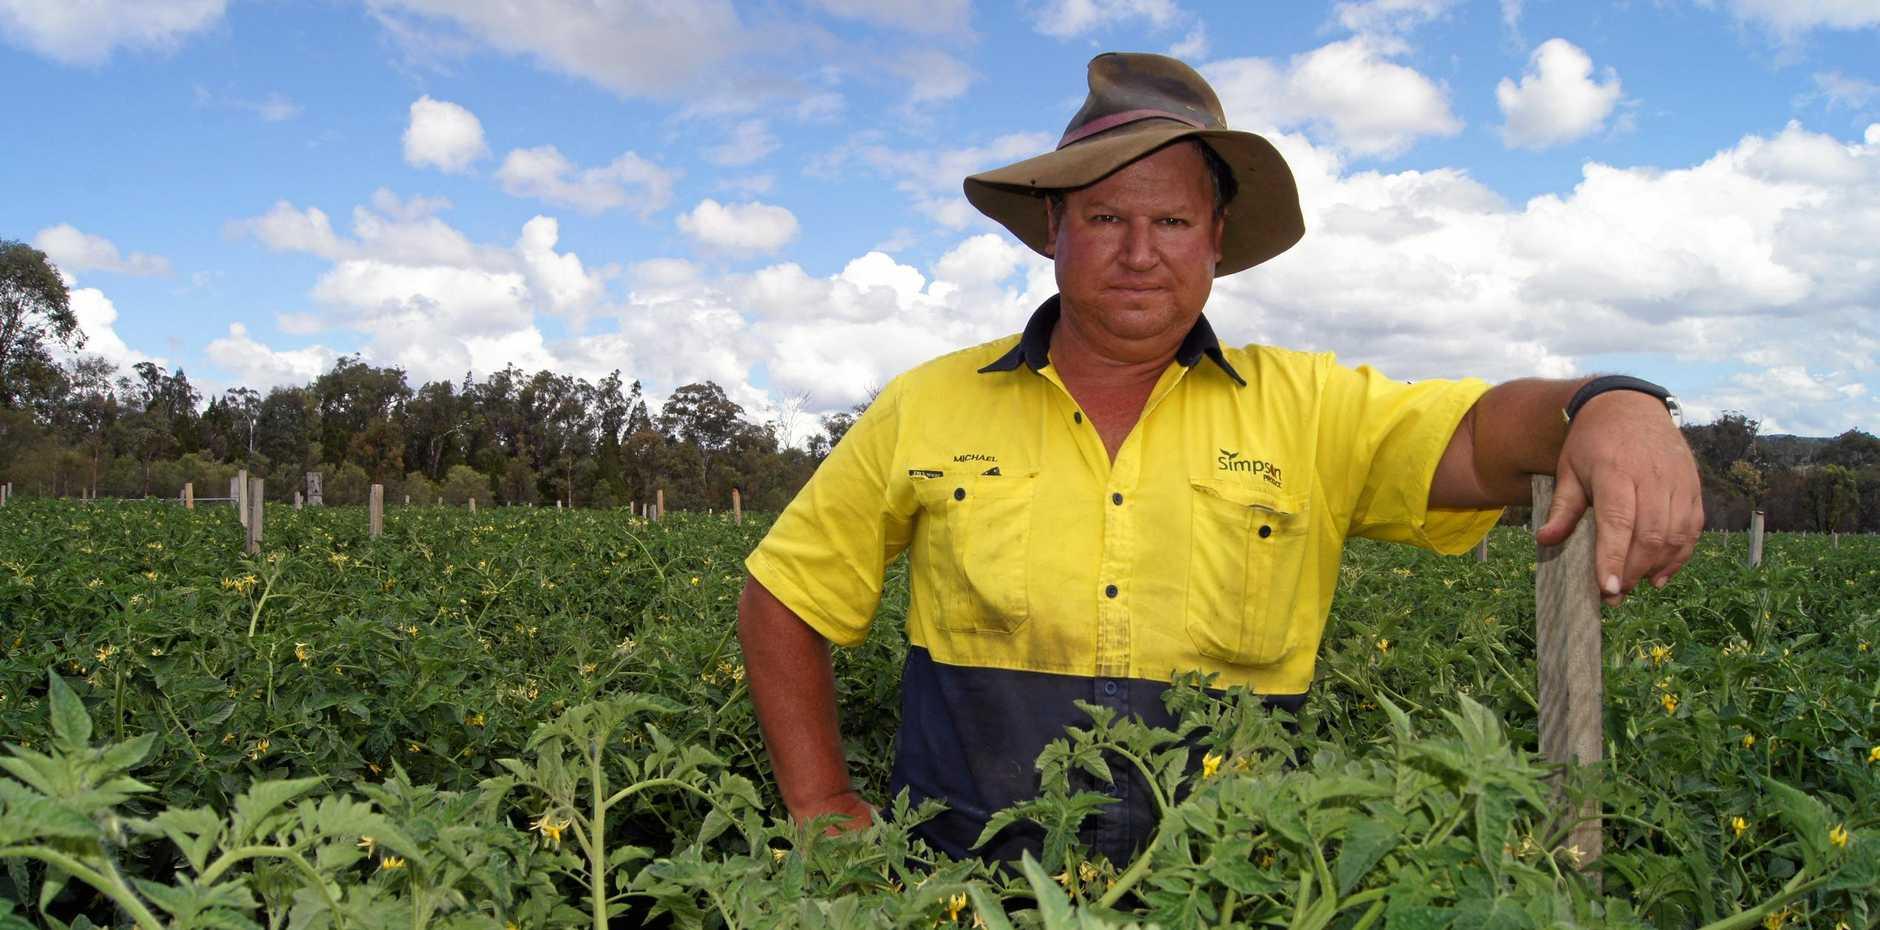 CLOSE CALL: Ballandean farmer Michael Simpson was riding through his tomato farm when he was bitten by a tiger snake.